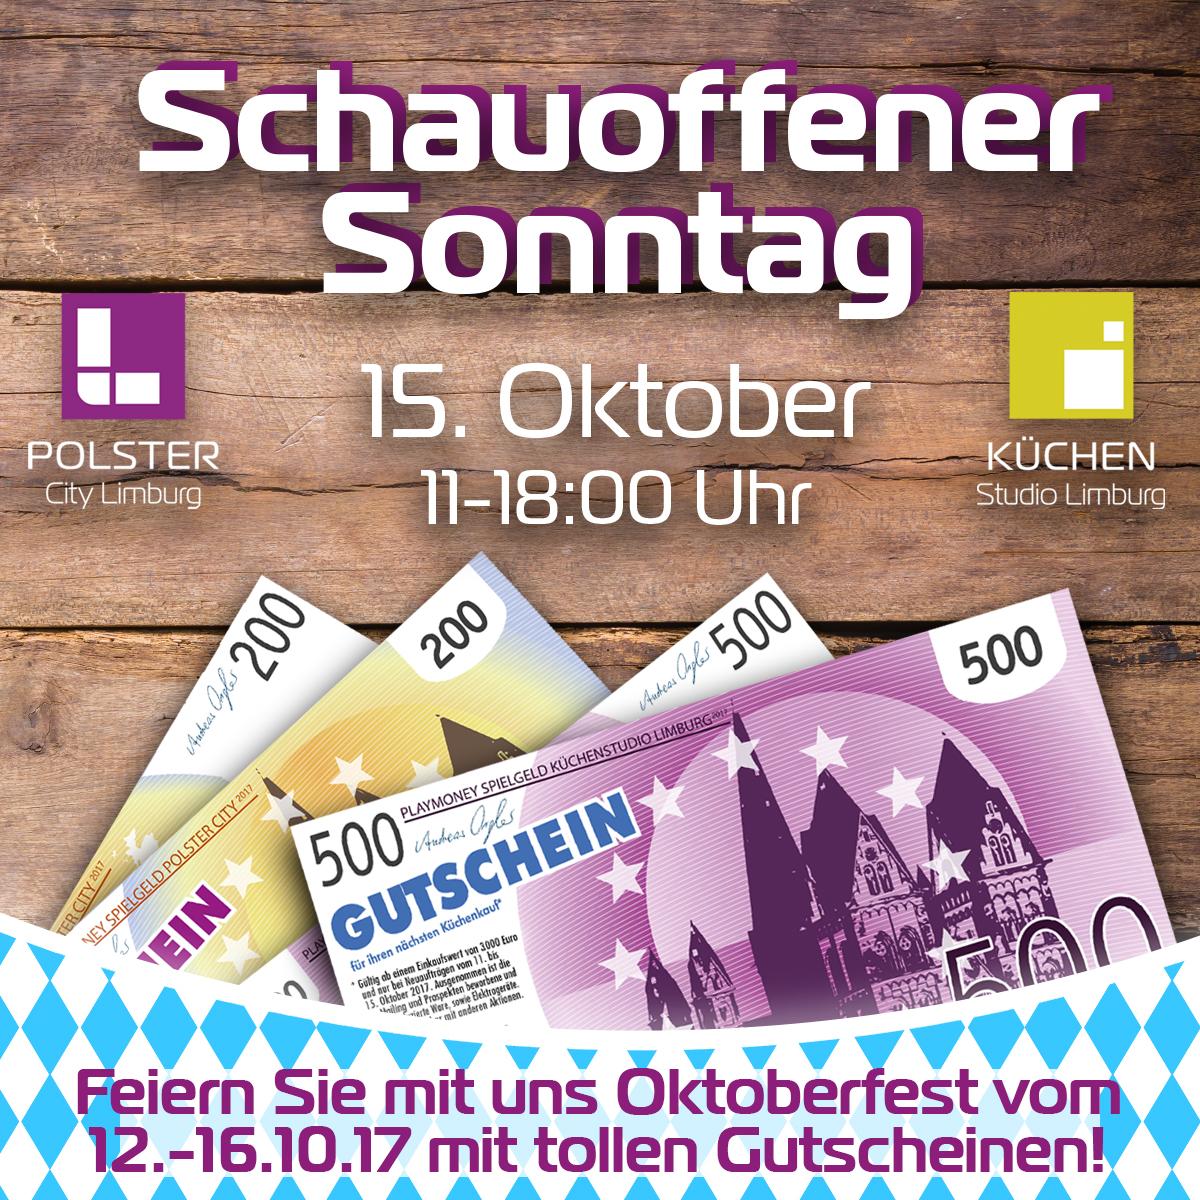 Oktoberfest Ist Gutscheinfest Jetzt Bis Zu 500 Euro Sparen